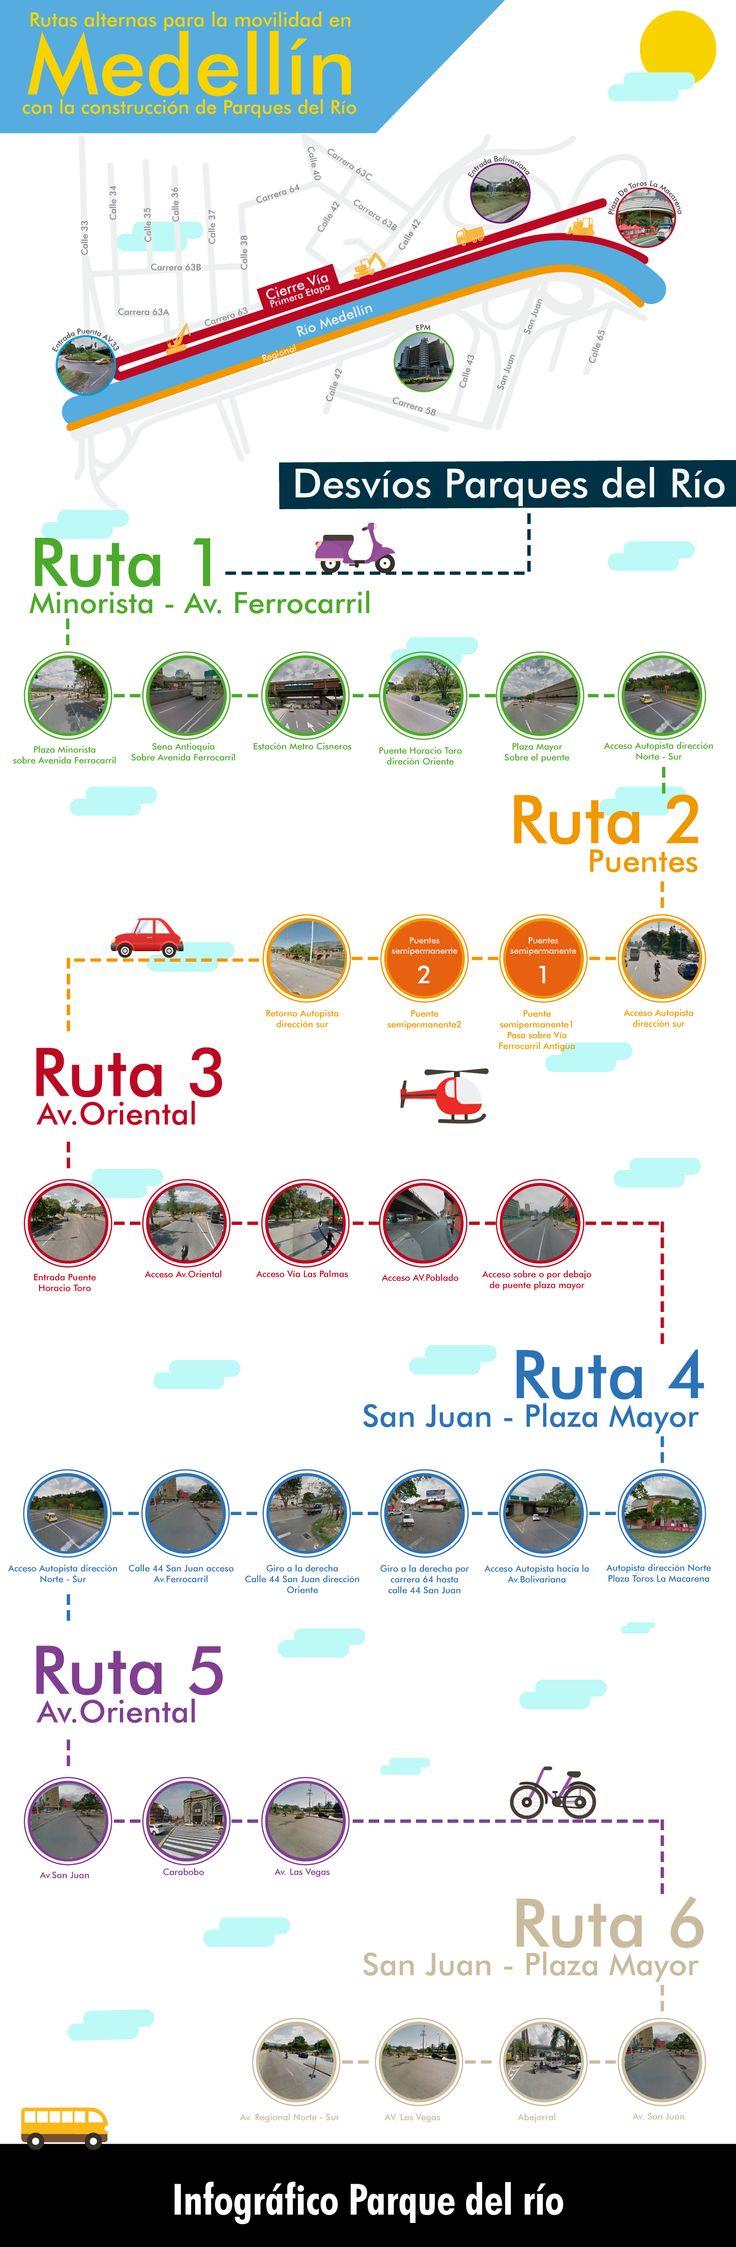 Infográfia Parque del río